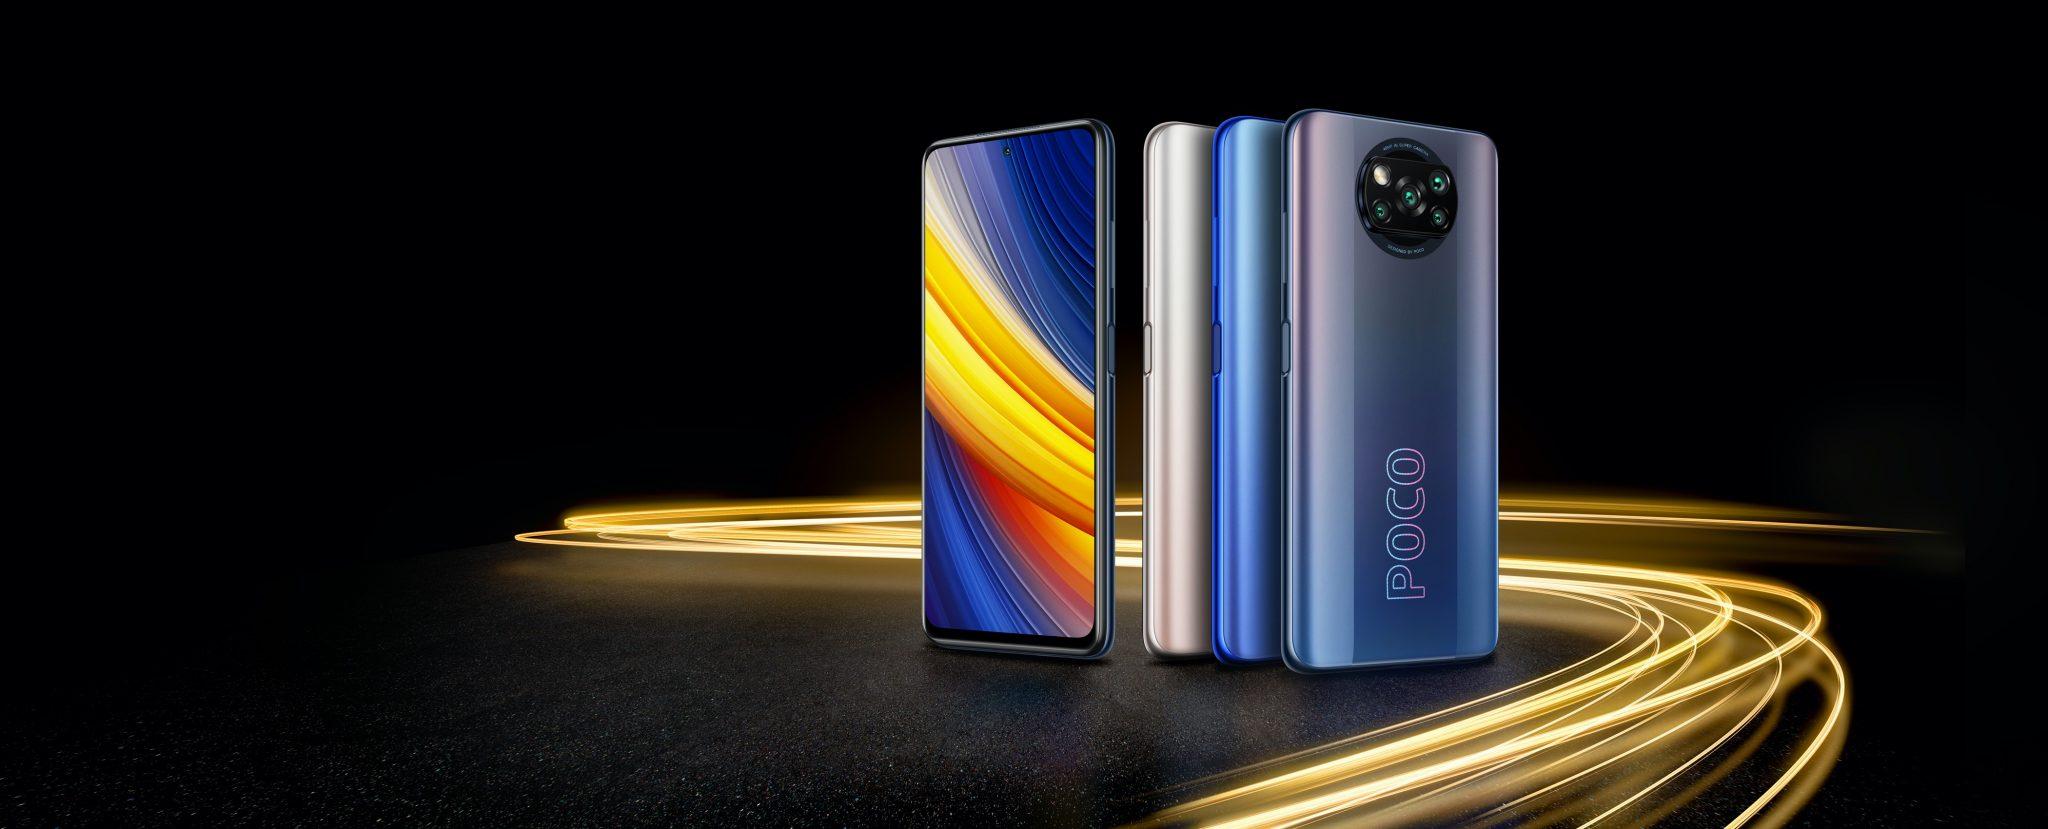 Gli smartphone POCO entrano in Unieuro con i modelli F3 e X3 Pro